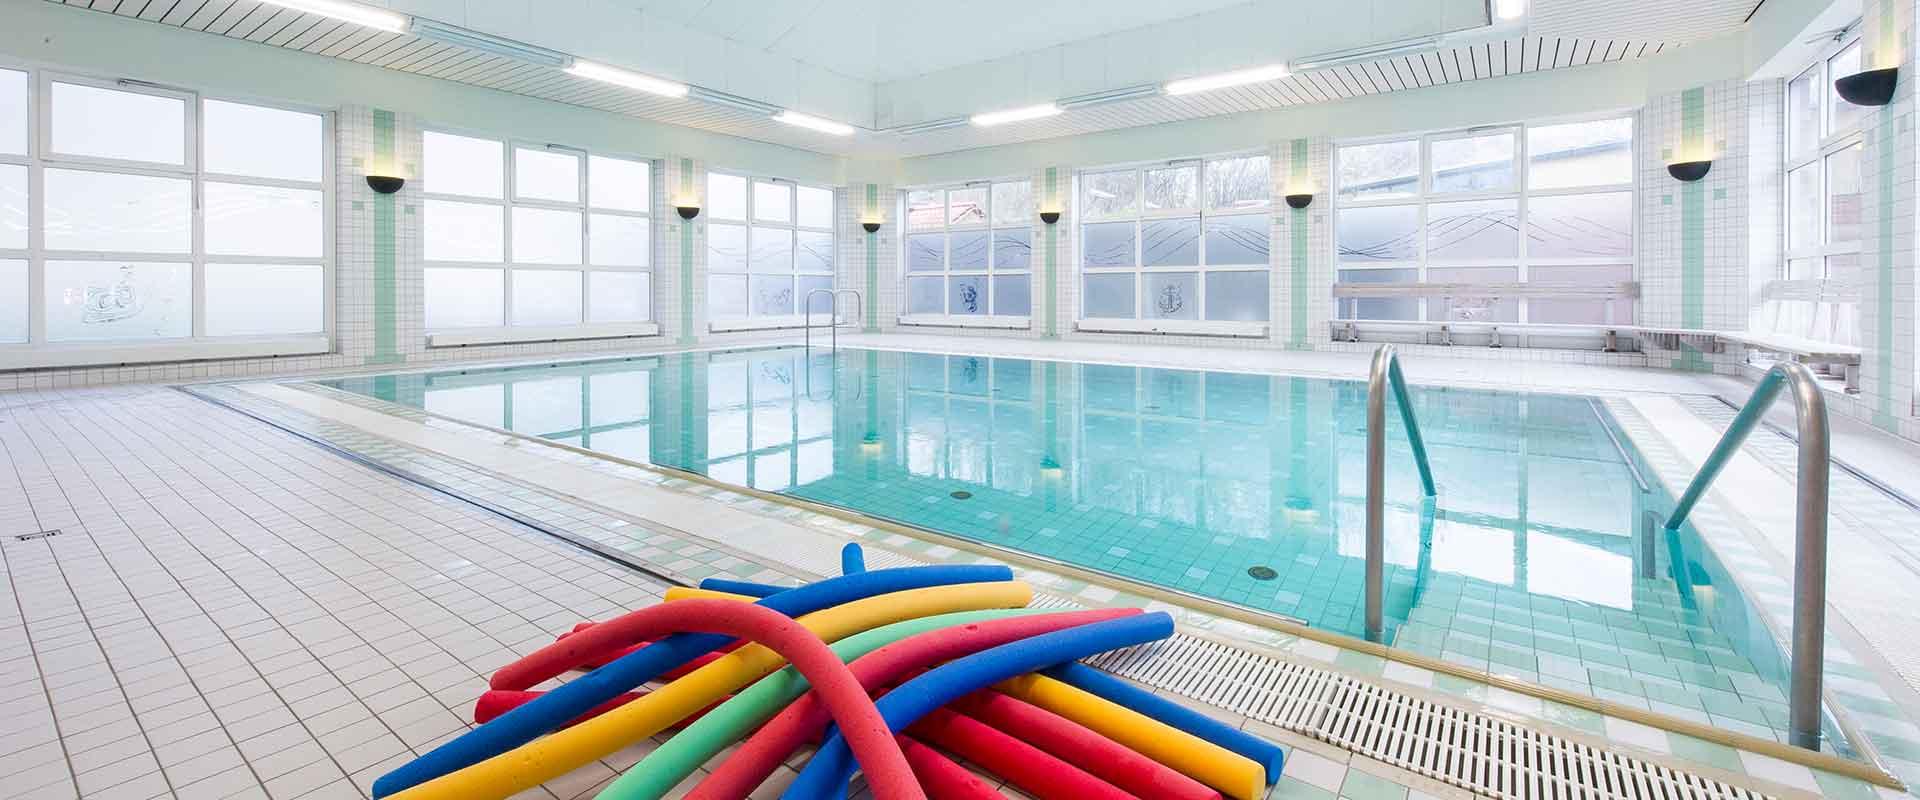 Schwimmbad in der MEDIAN Klinik Schweriner See